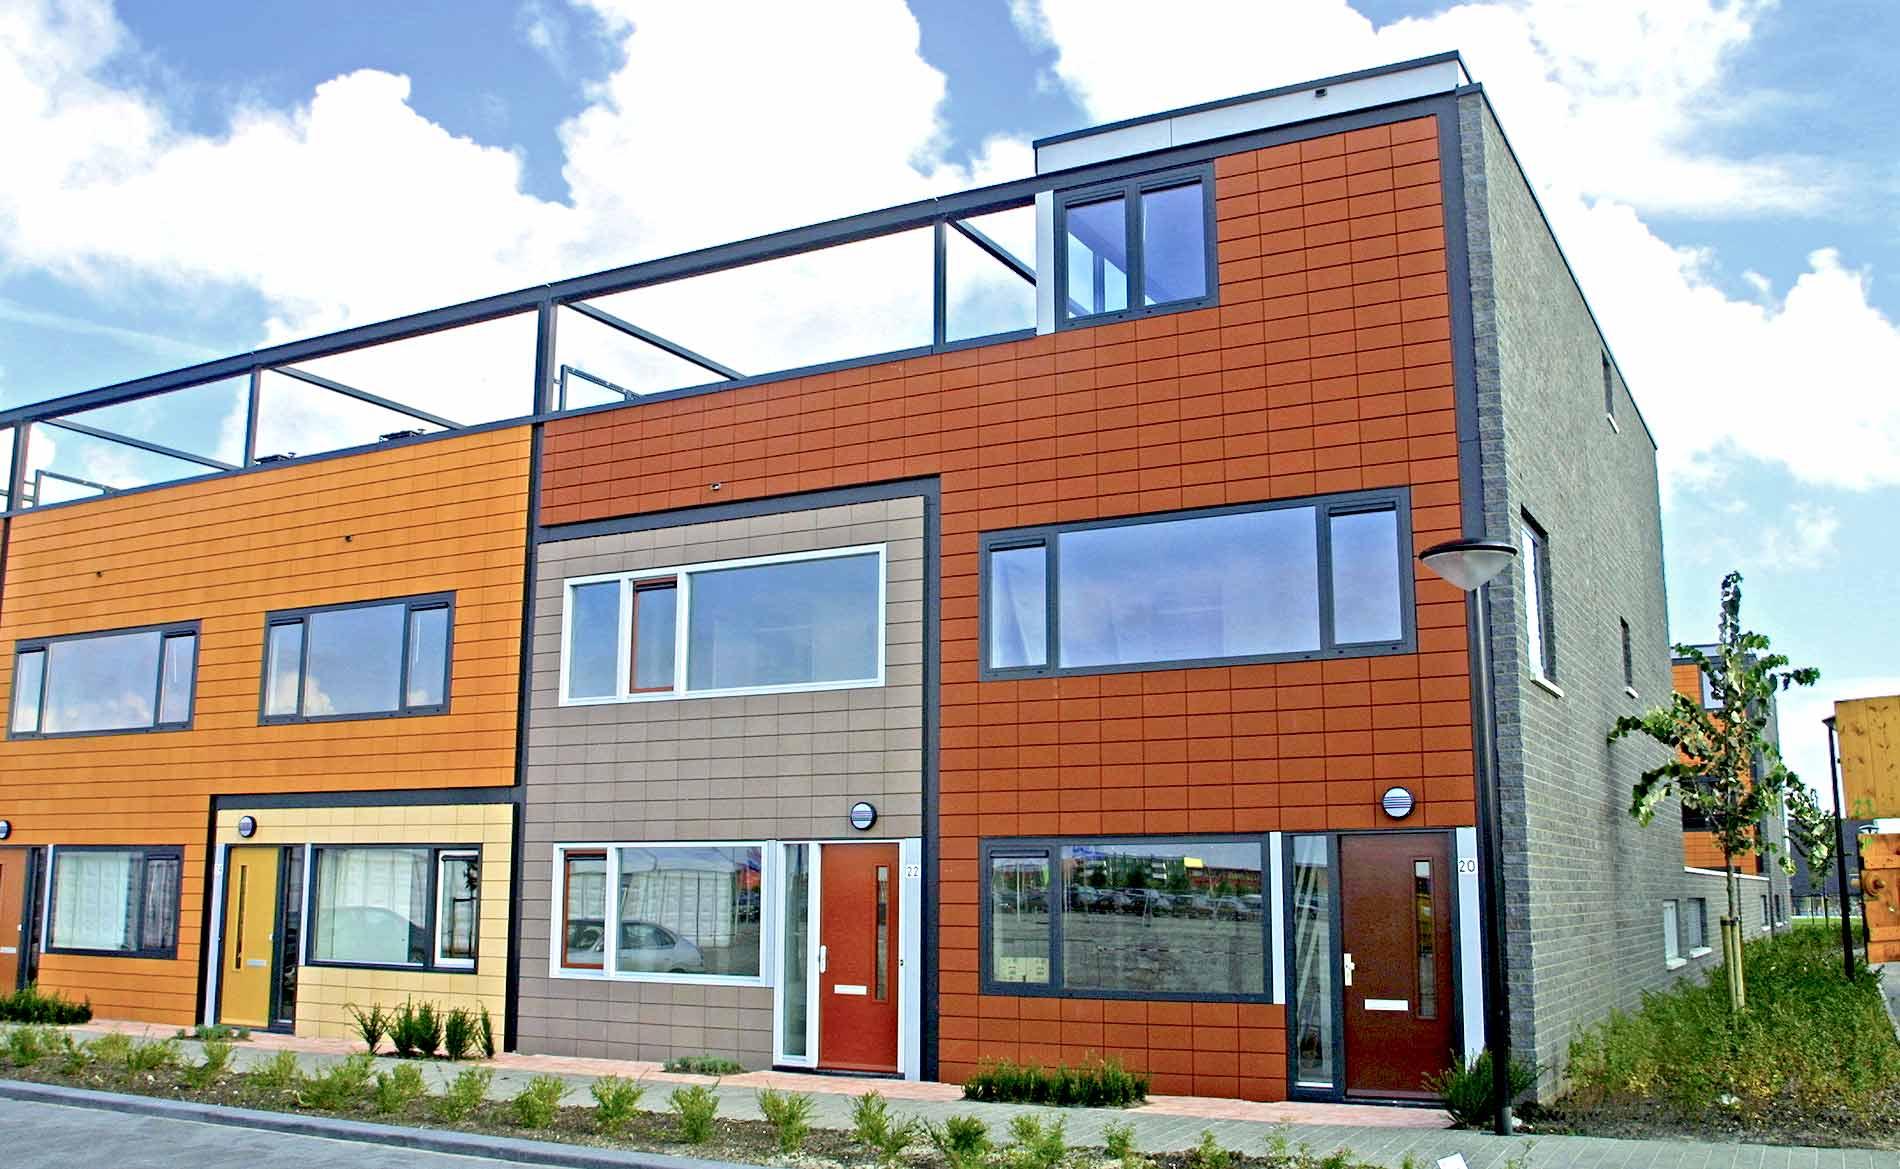 architect woningbouw Gewild wonen Almere gedifferentieerd wonen keuze BBHD architecten